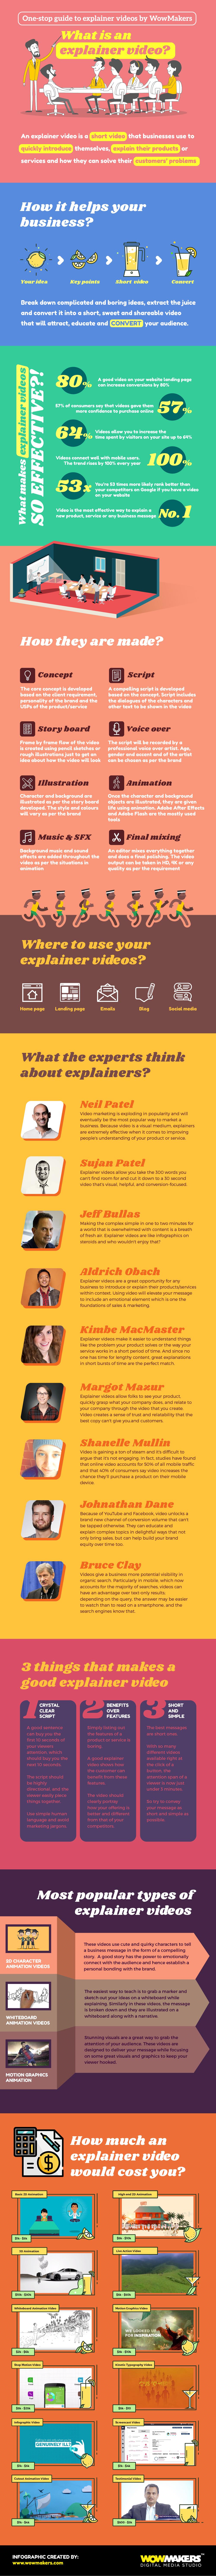 explainer-video-infographic1.jpg